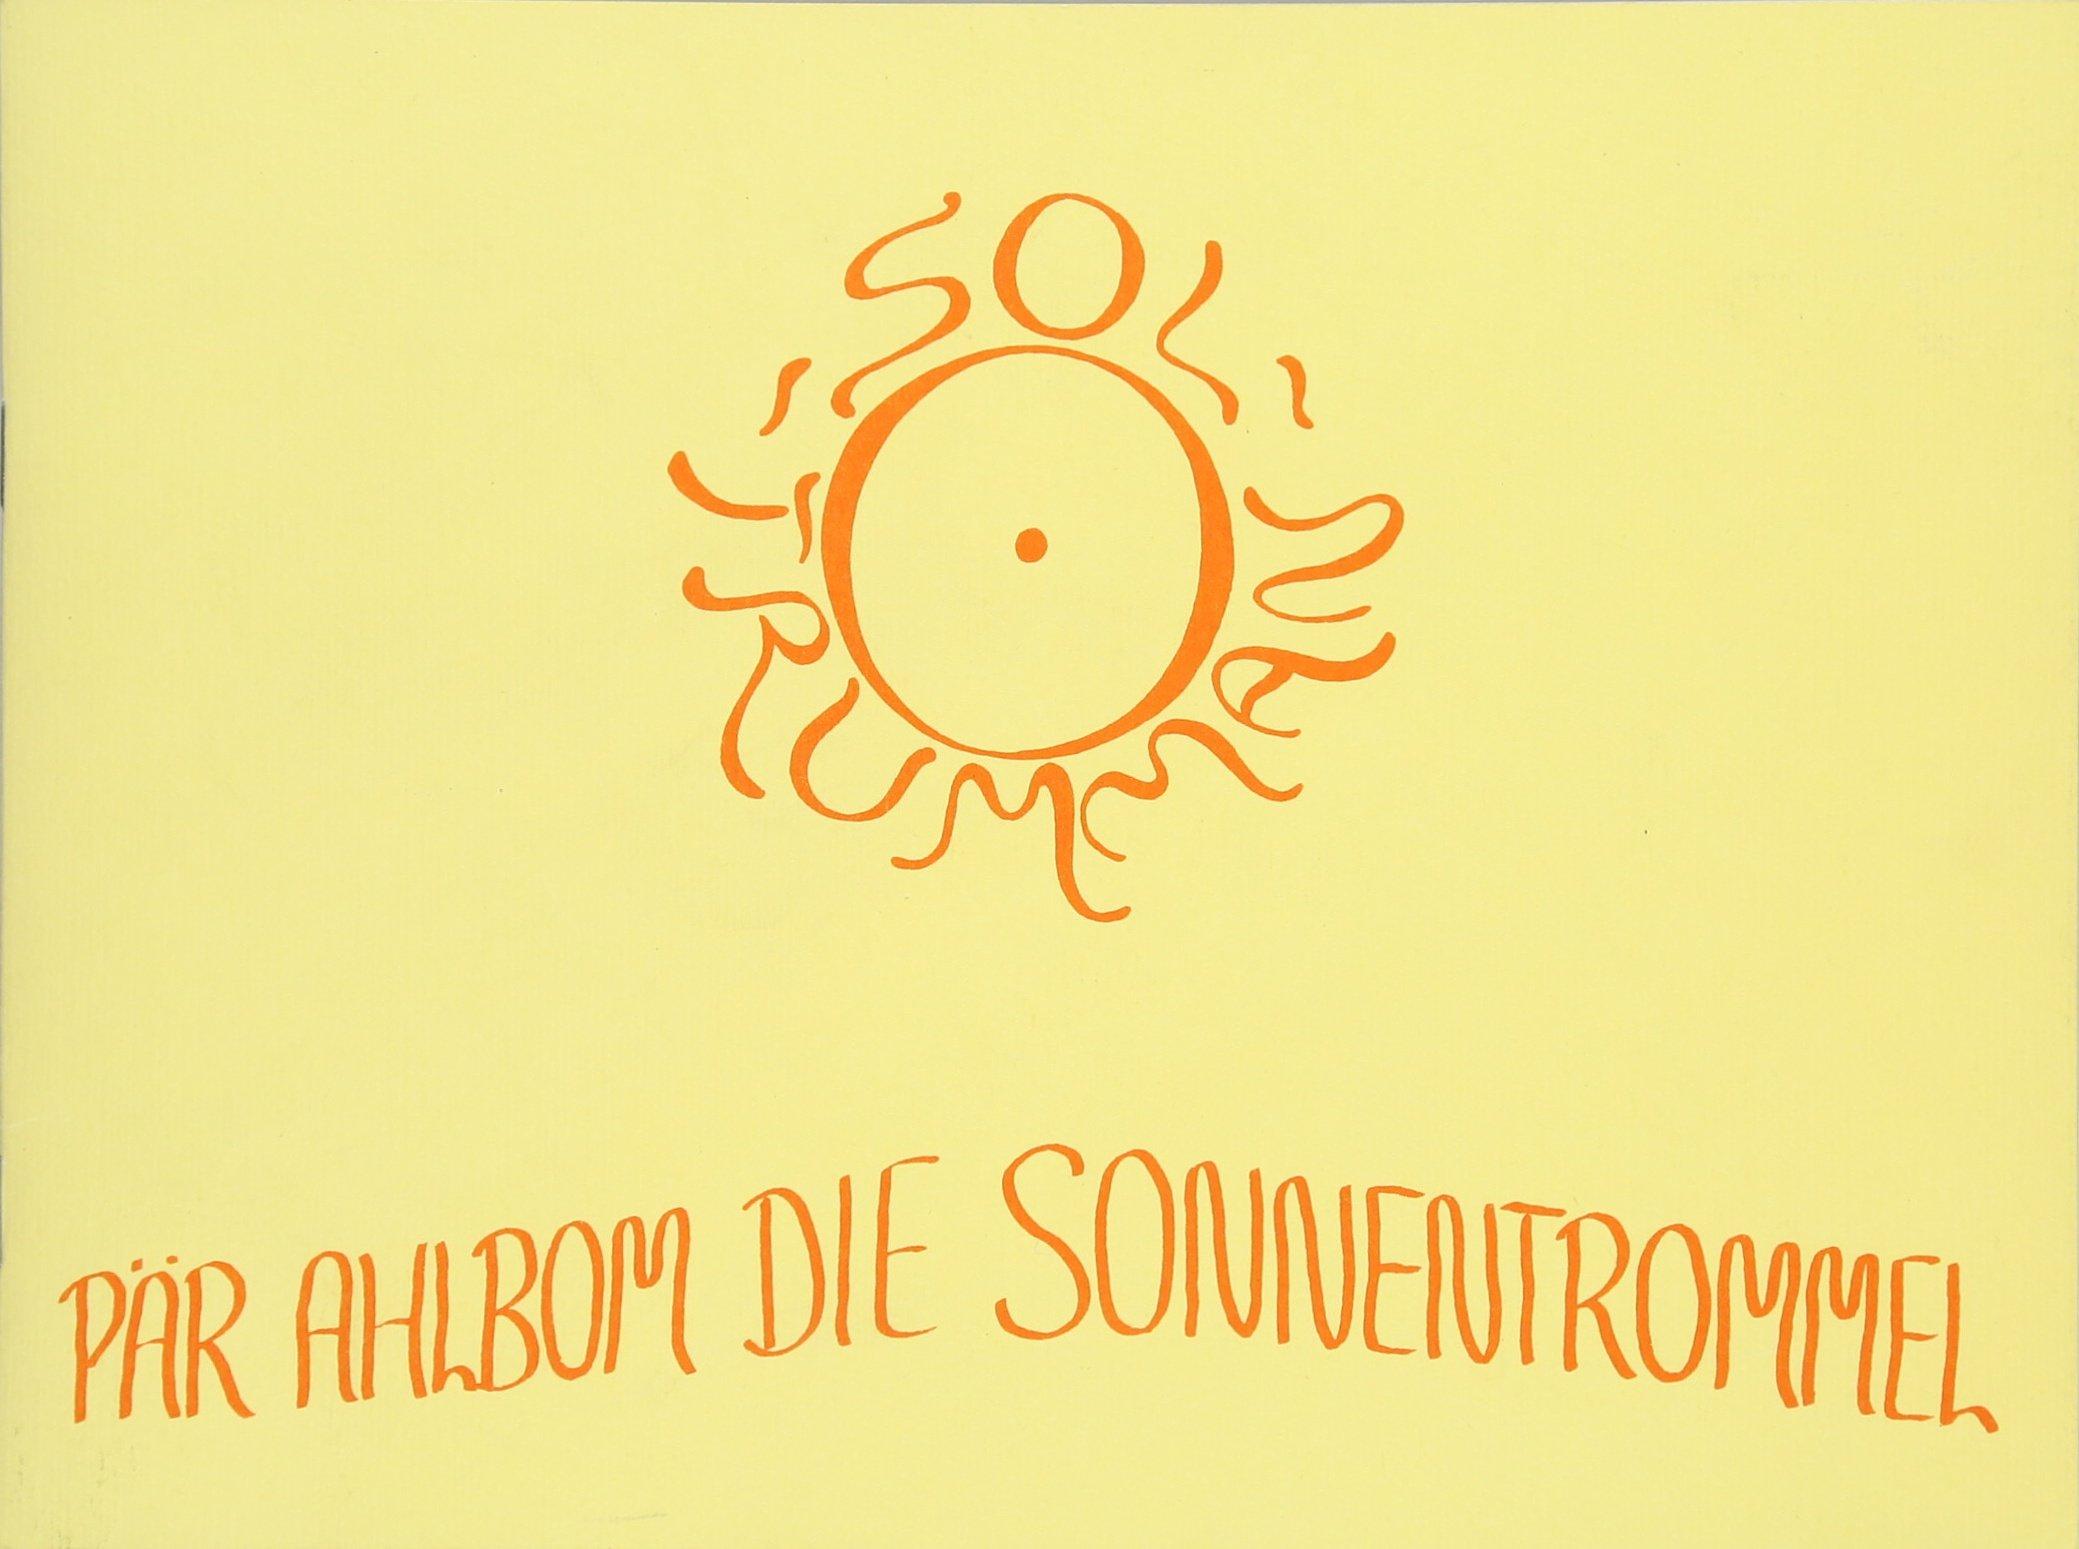 Die Sonnentrommel: Und andere Lieder (Edition Bingenheim) Broschiert – Januar 1986 Pär Ahlbom Freies Geistesleben 3772513018 Instrumentenunterricht